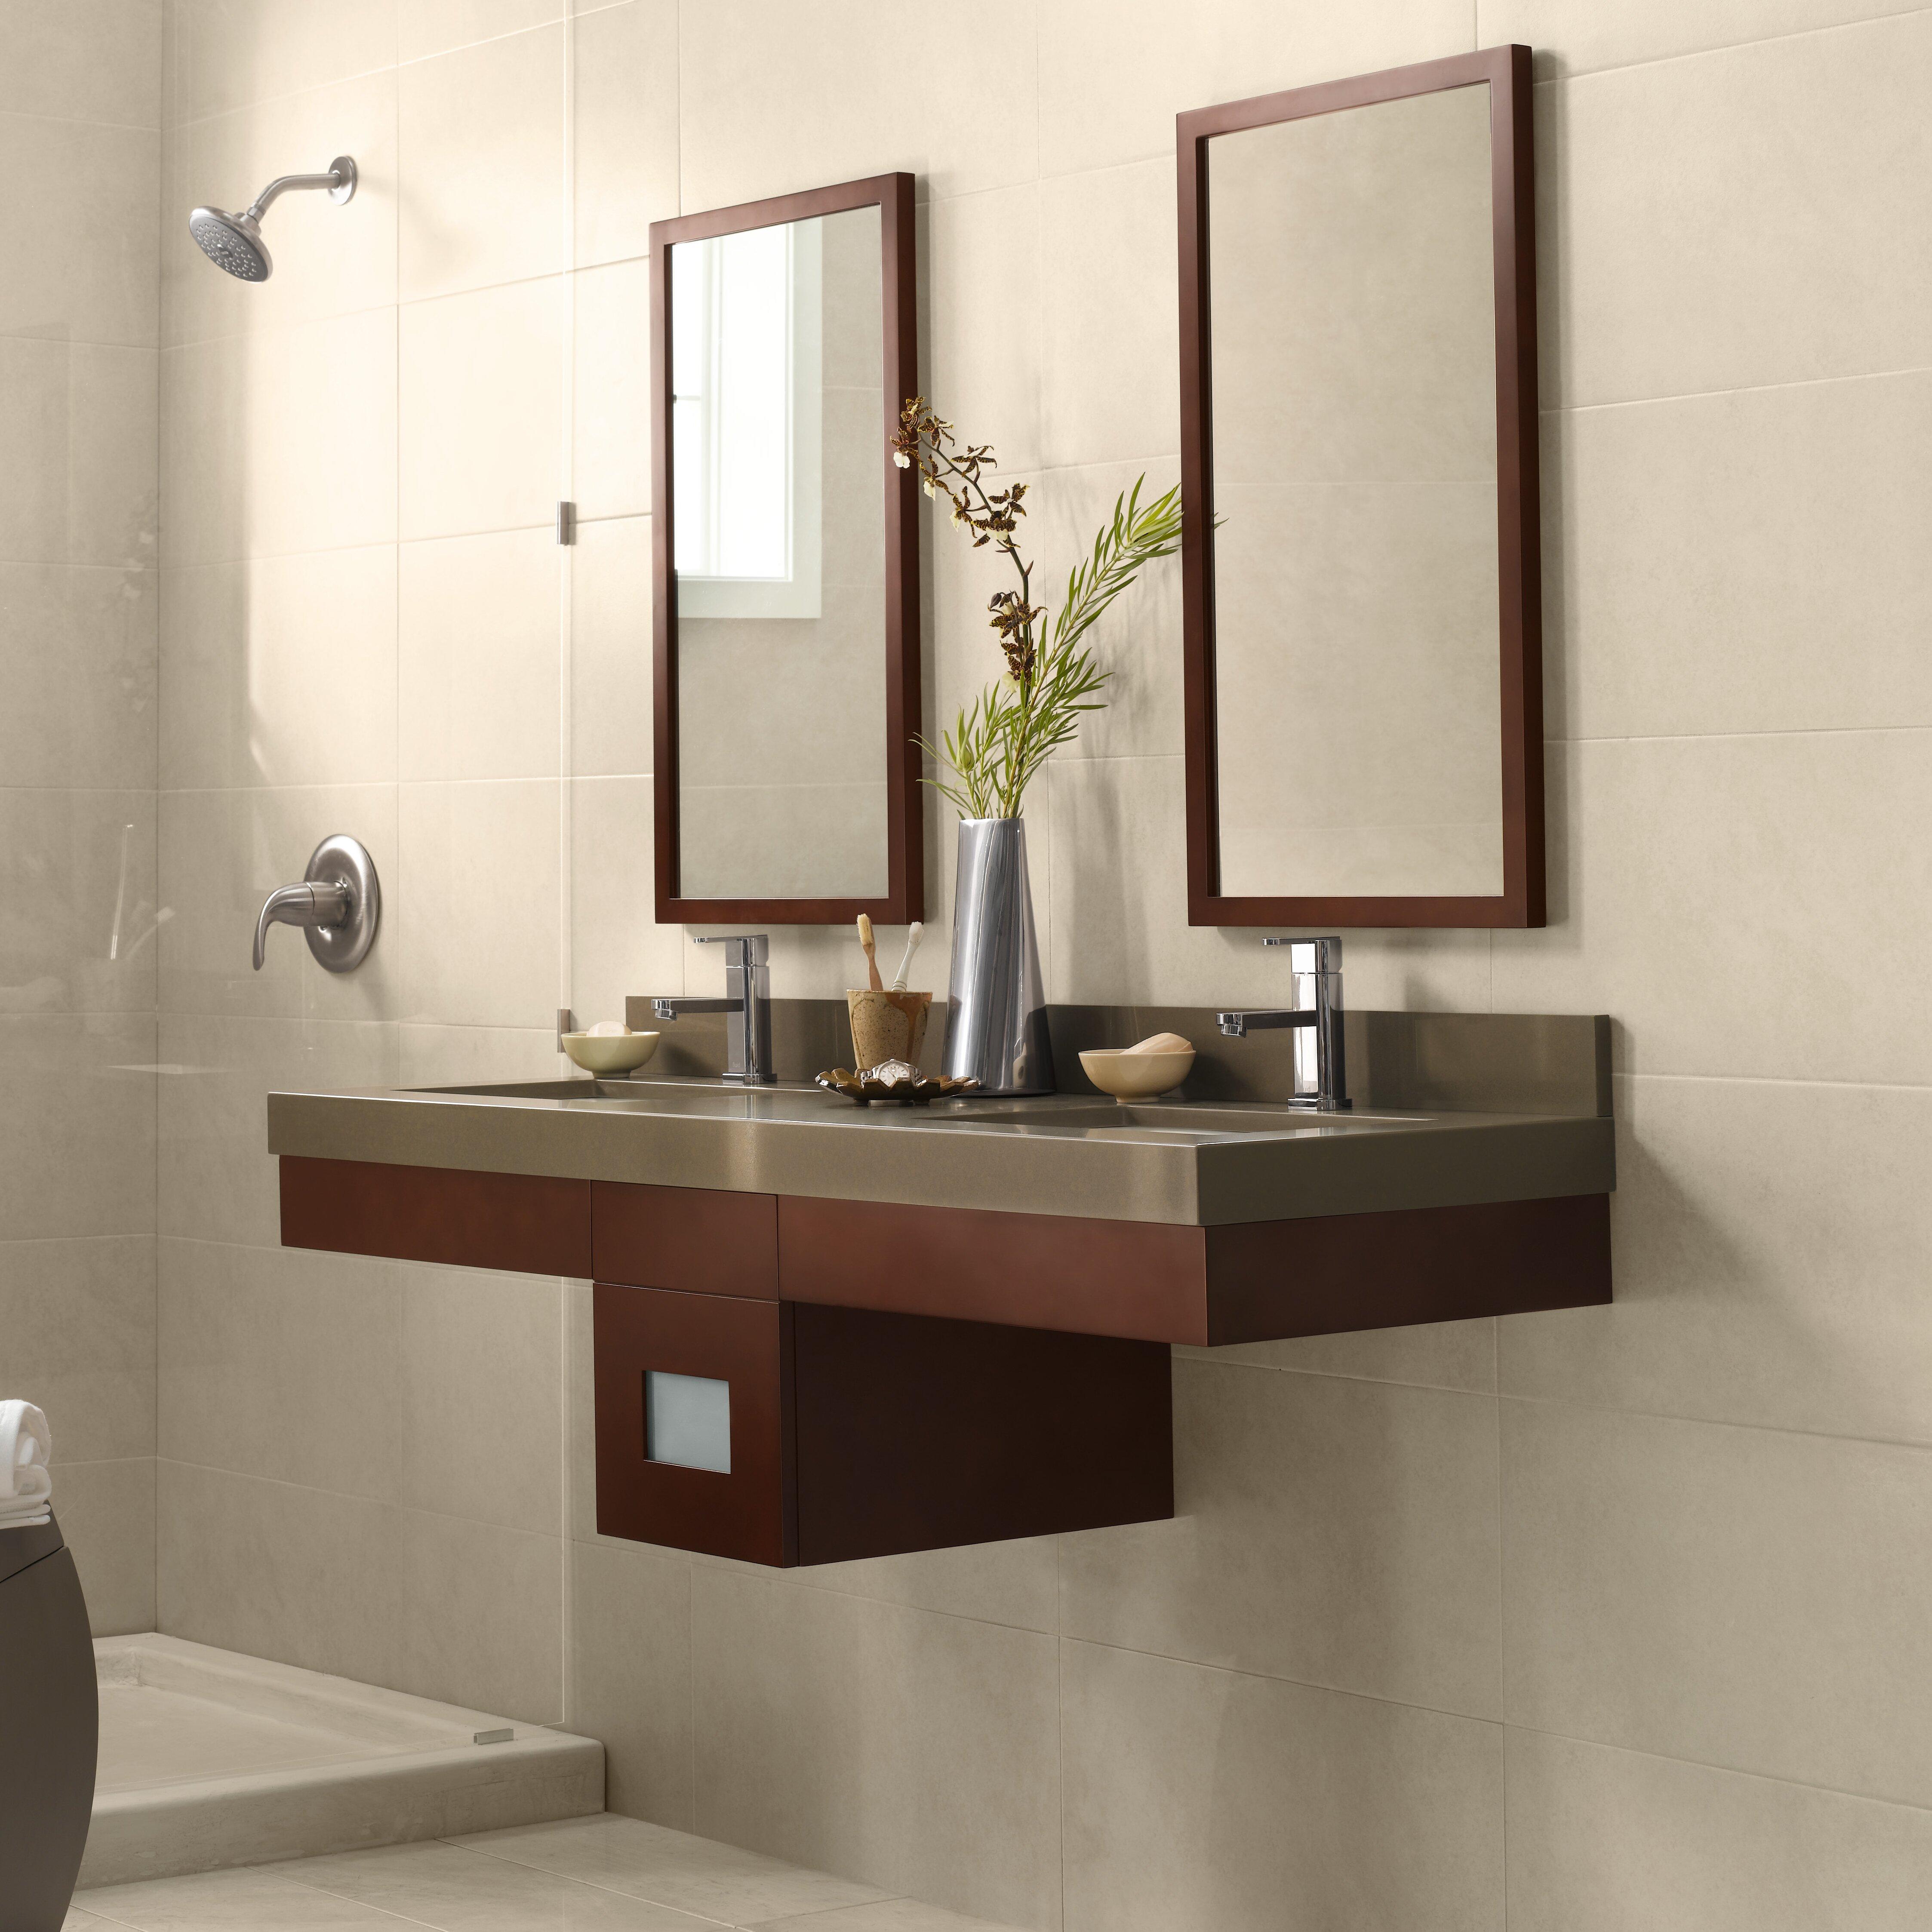 adina 23 wall mount bathroom vanity base cabinet in dark